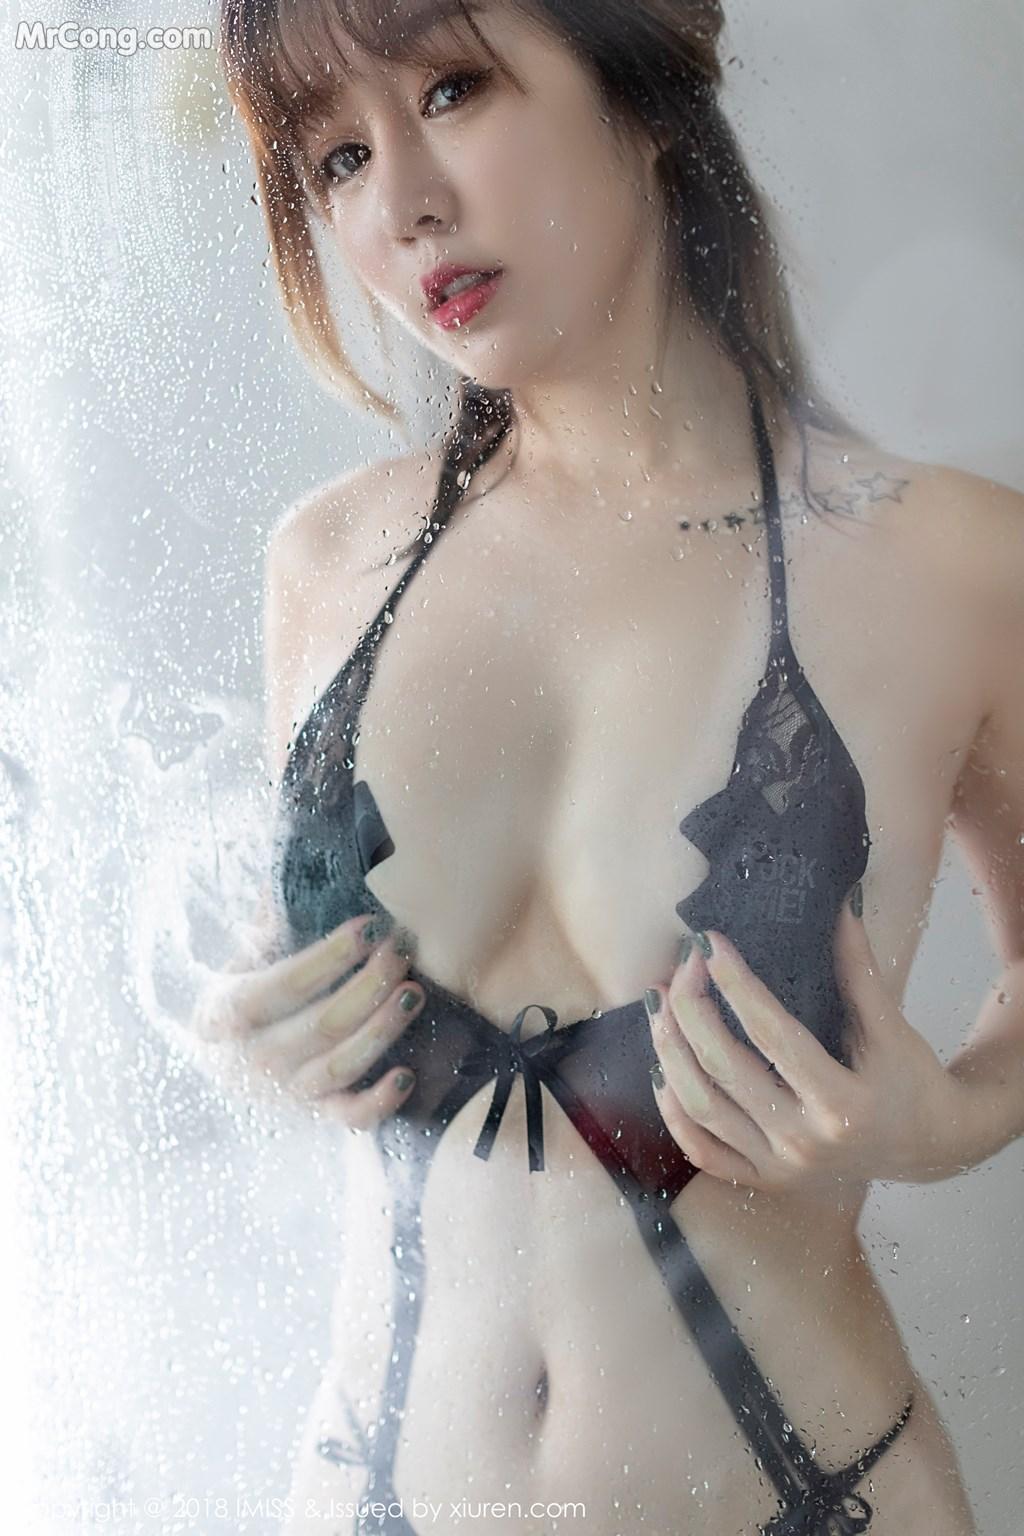 Image IMISS-Vol.310-Wang-Yu-Chun-MrCong.com-029 in post IMISS Vol.310: Người mẫu Wang Yu Chun (王雨纯) (37 ảnh)